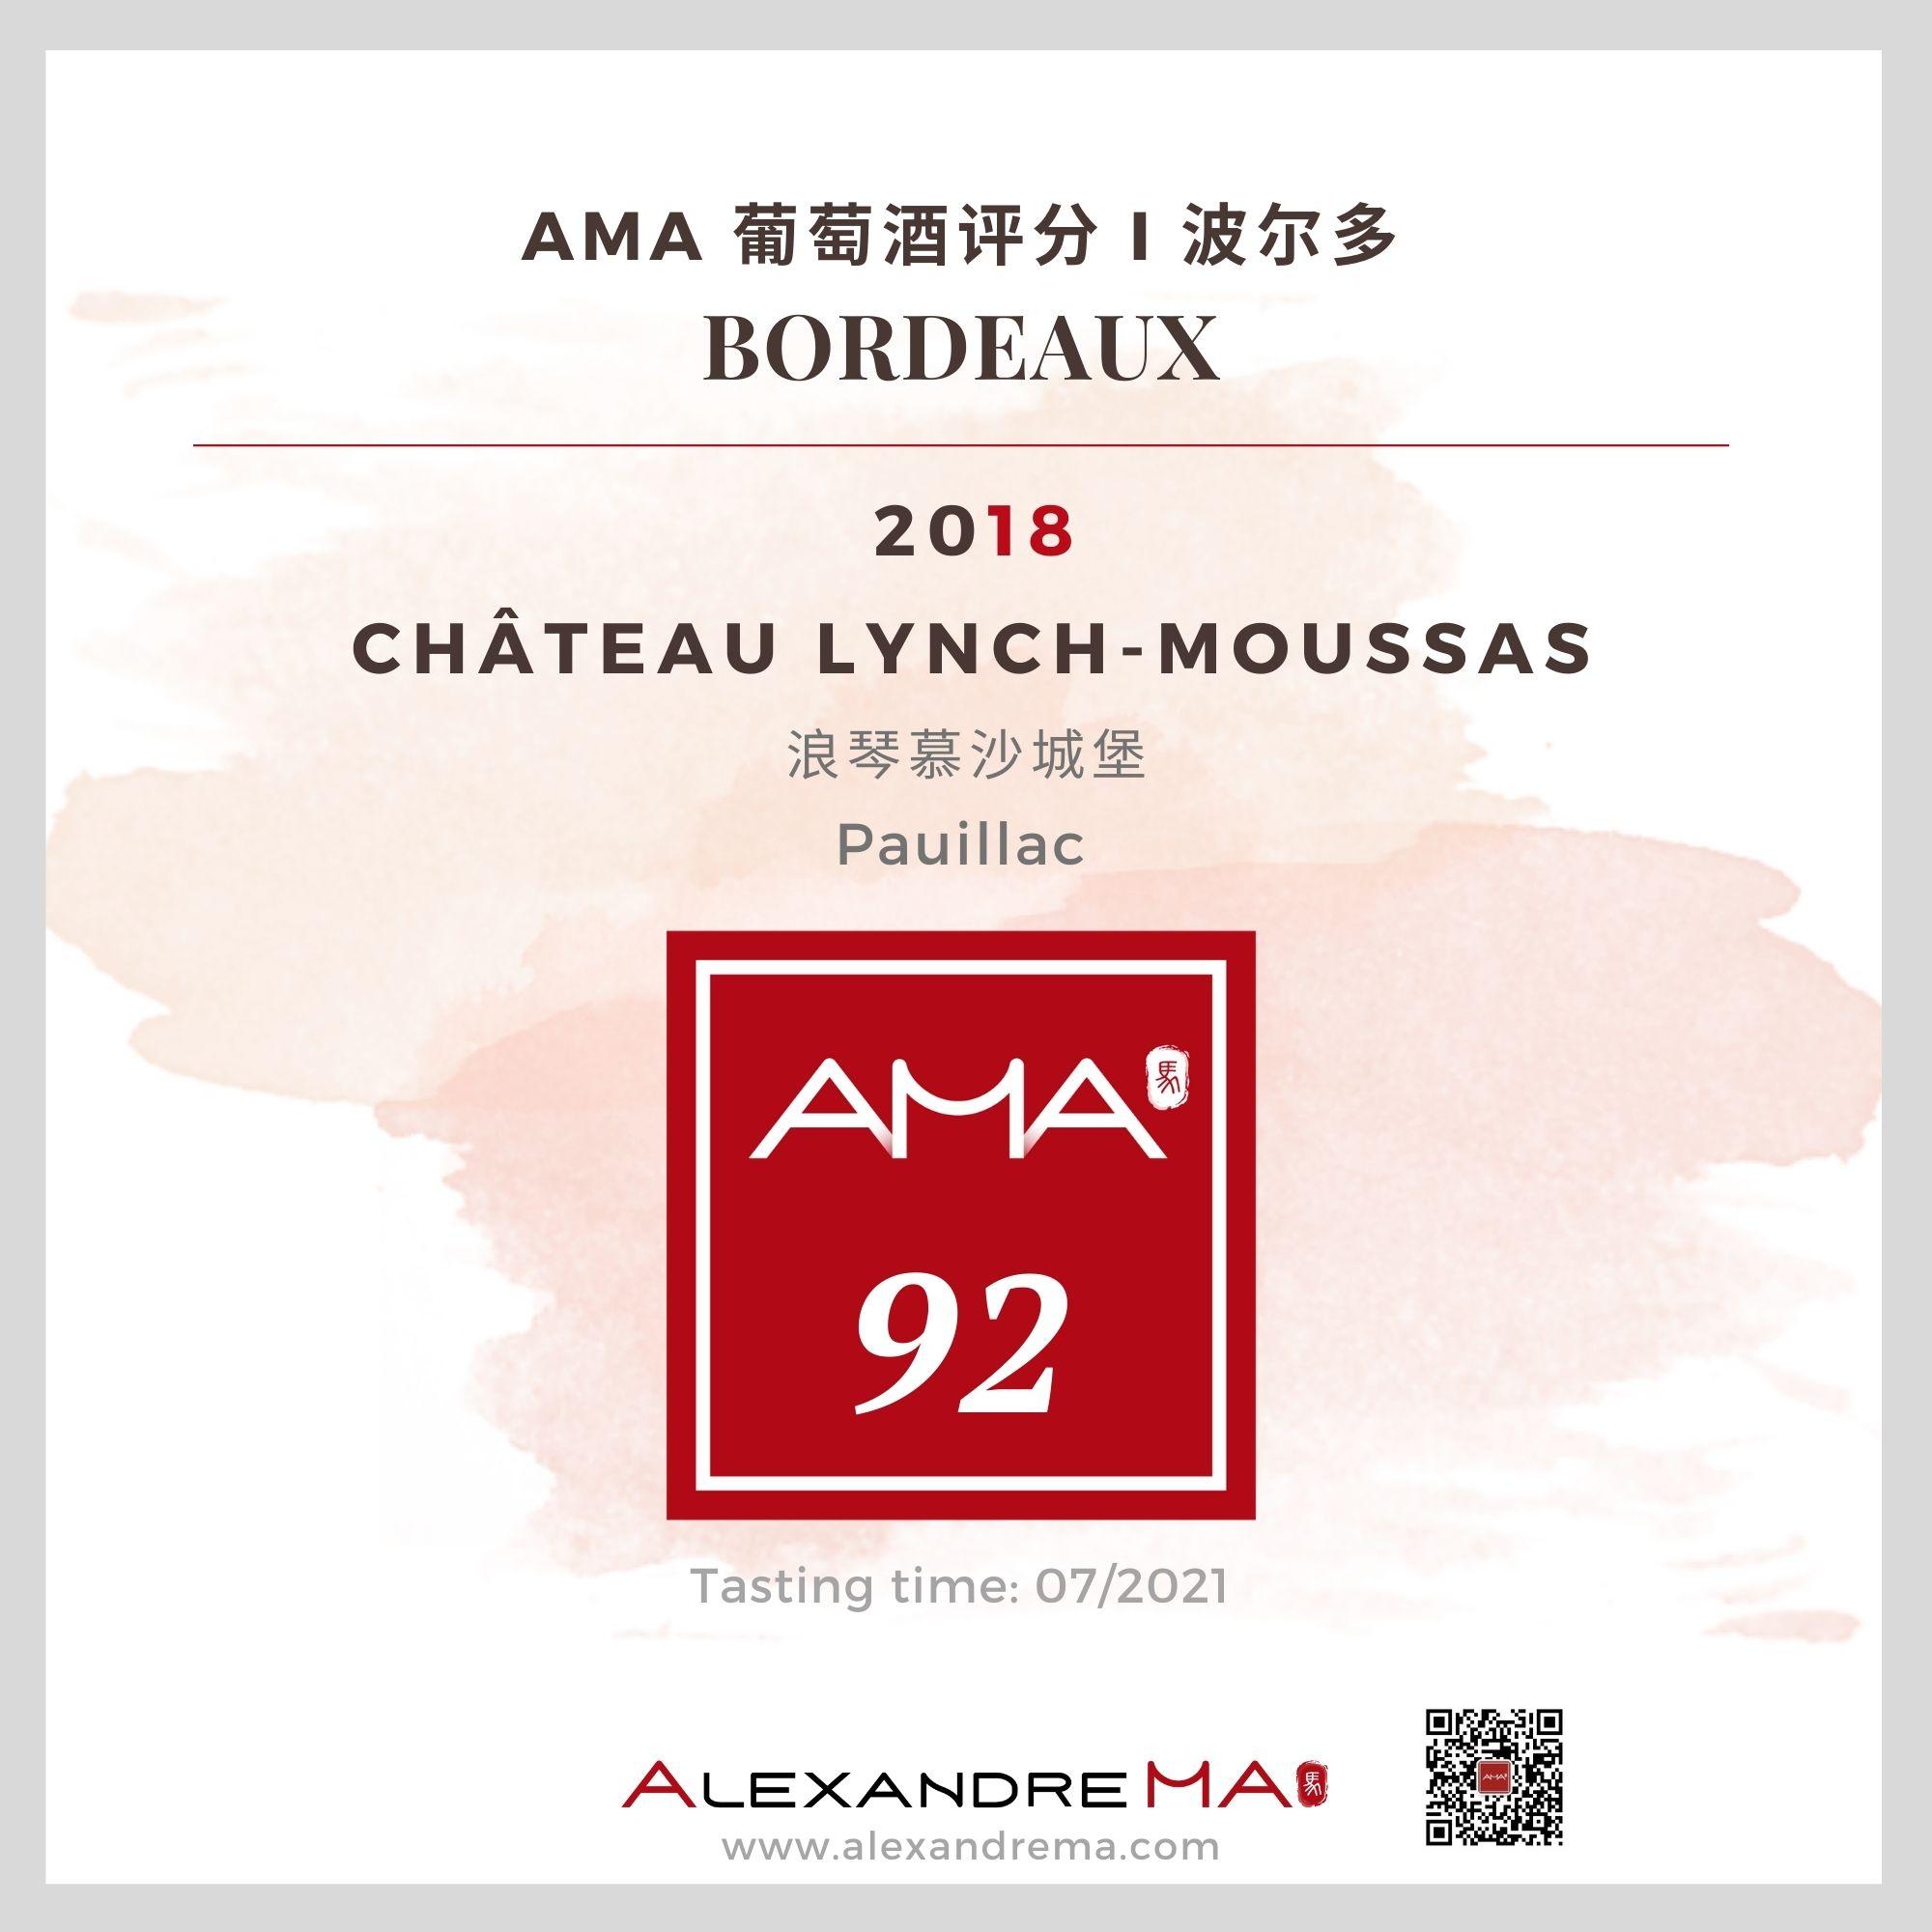 Château Lynch-Moussas 2018 - Alexandre MA